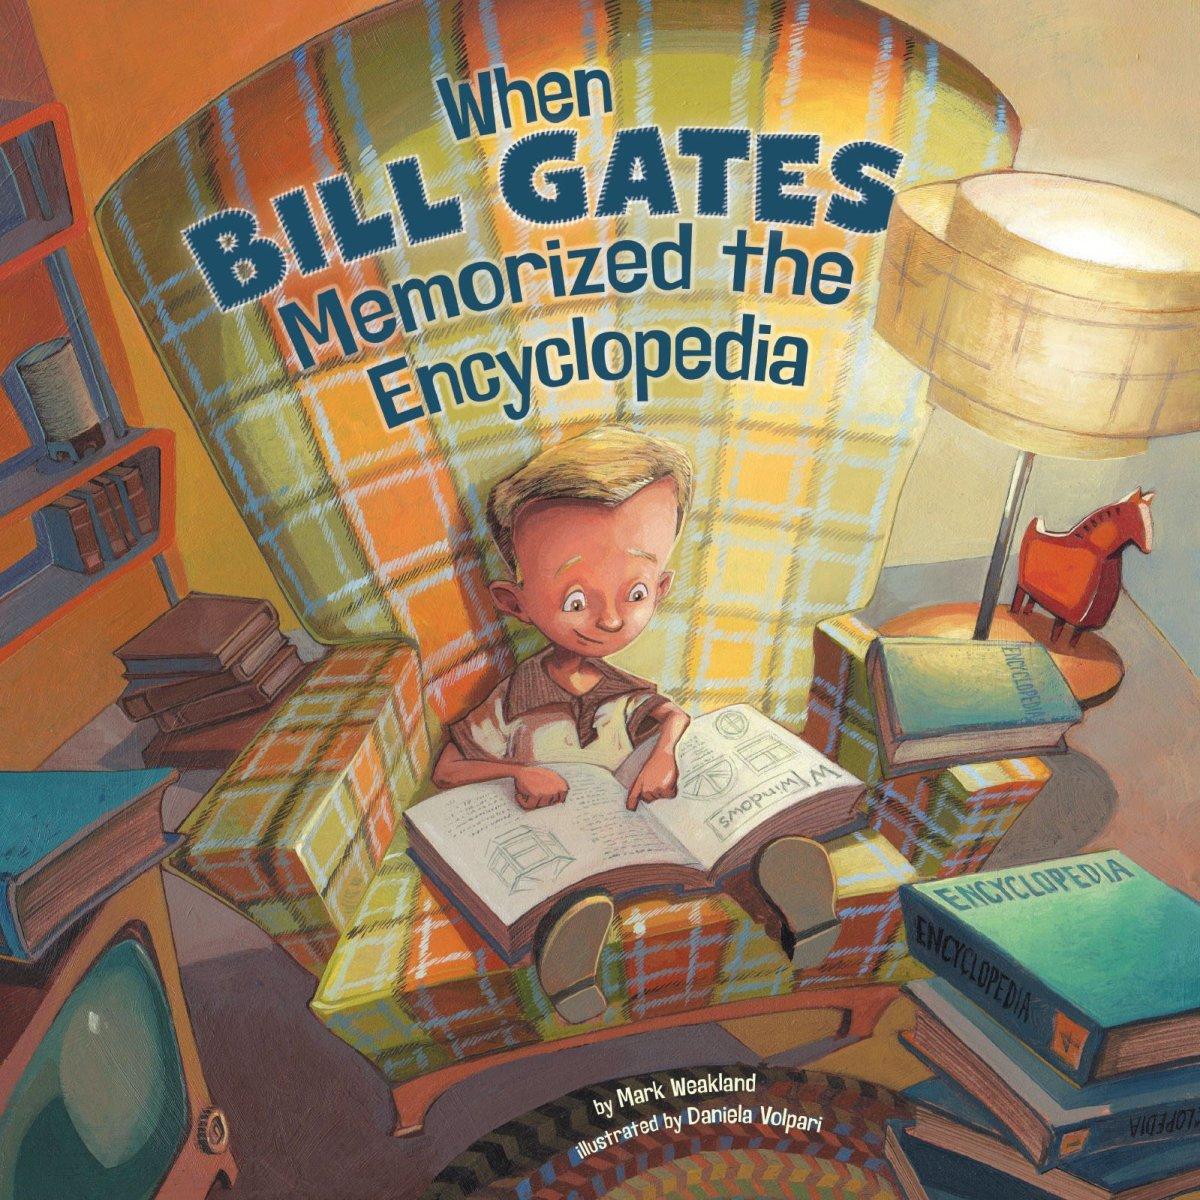 When Bill Gates Memorized an Encyclopedia by Mark Weakland